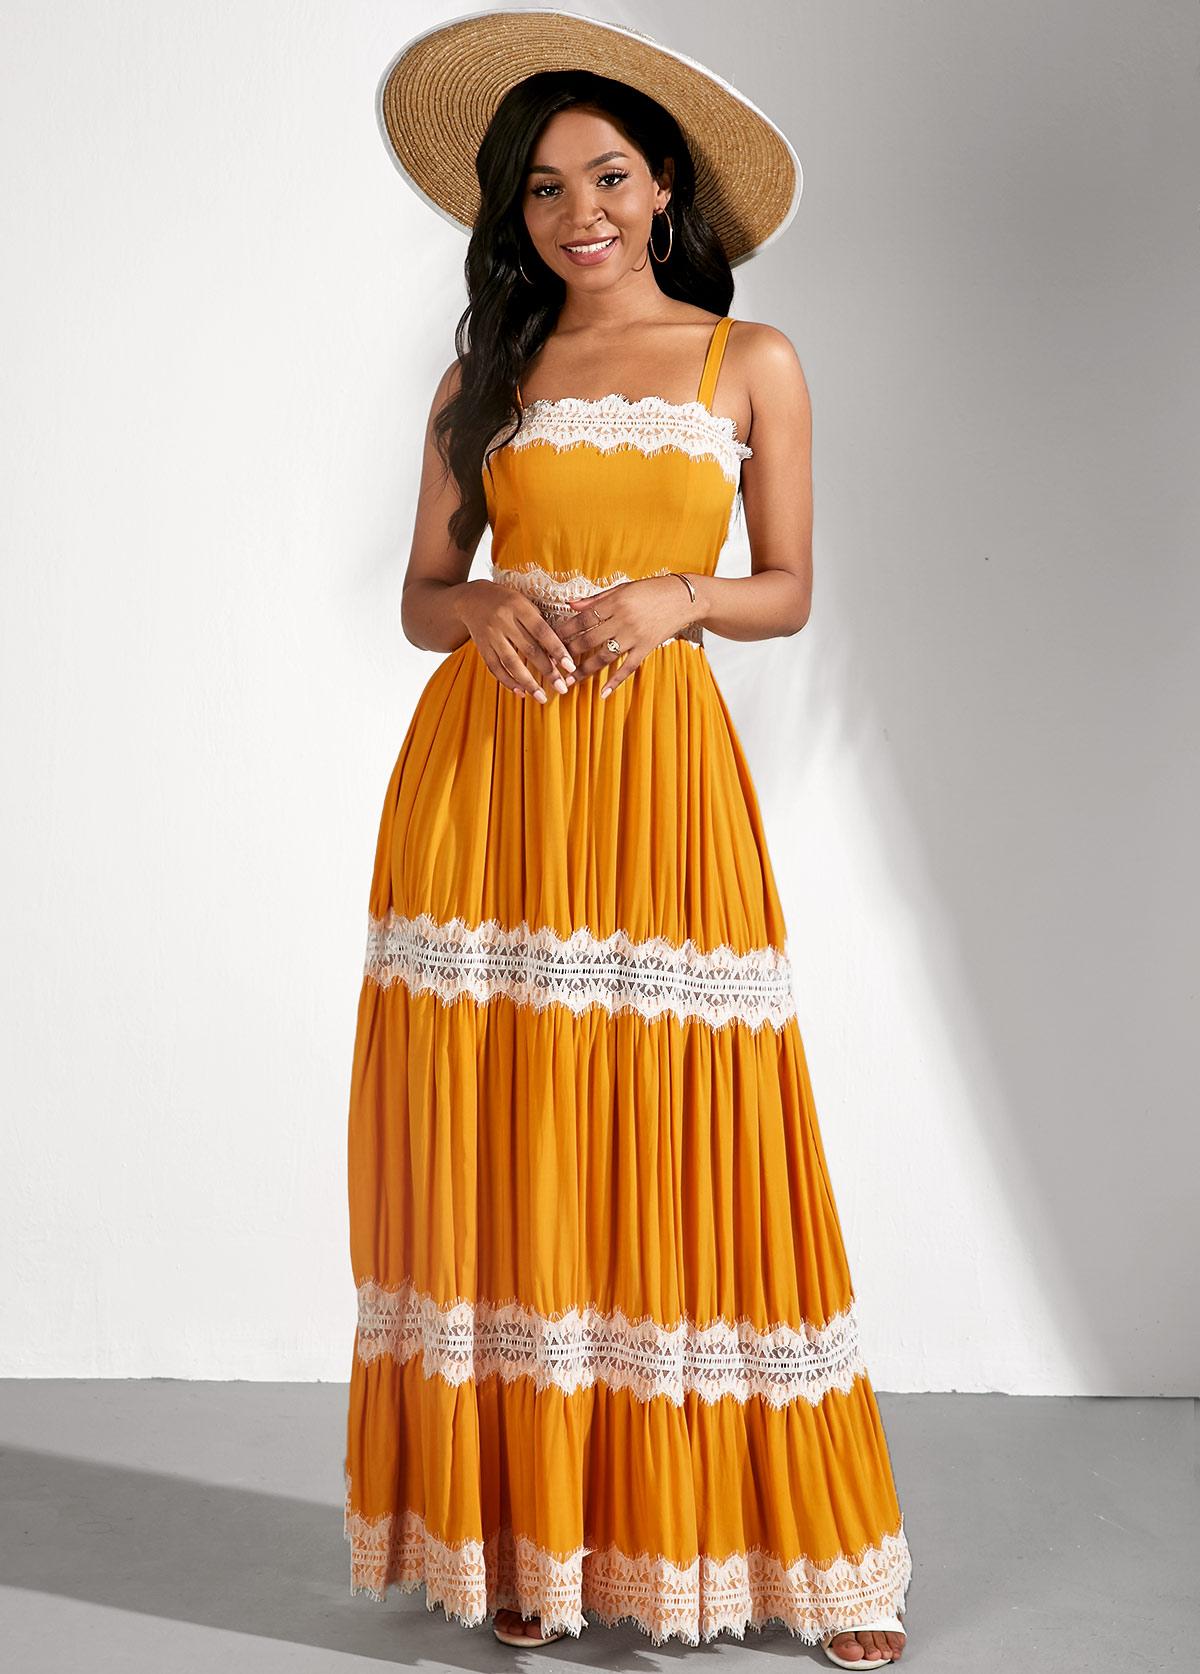 ROTITA Yellow Sleeveless Lace Stitching Spaghetti Strap Dress